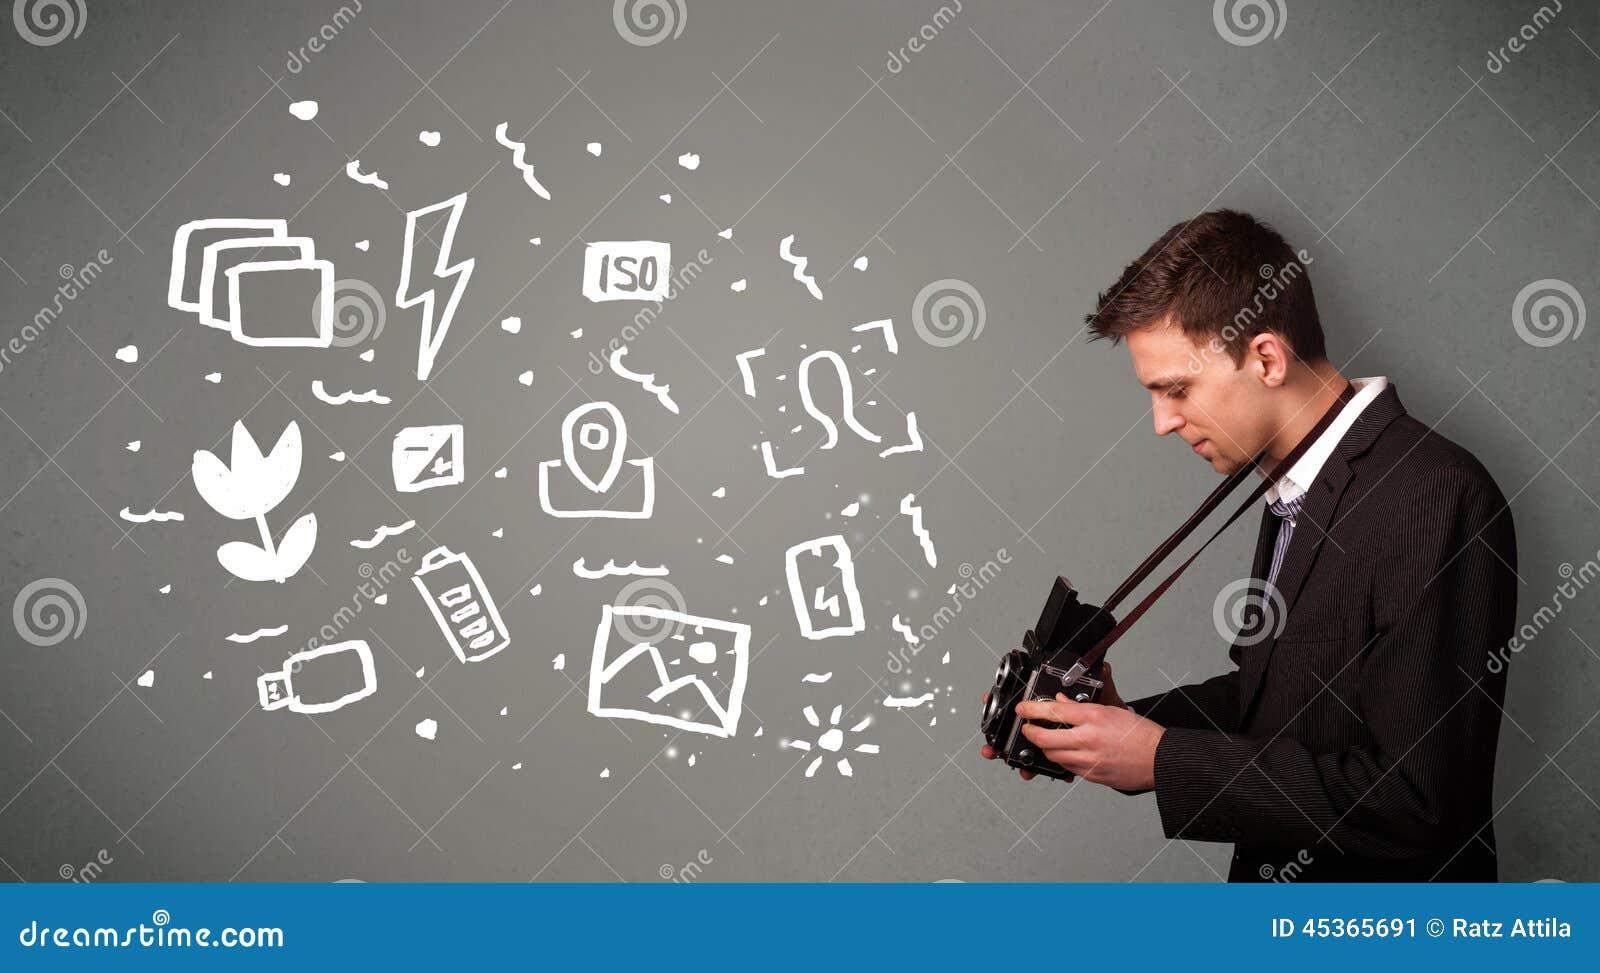 Garçon de photographe capturant les icônes et les symboles blancs de photographie